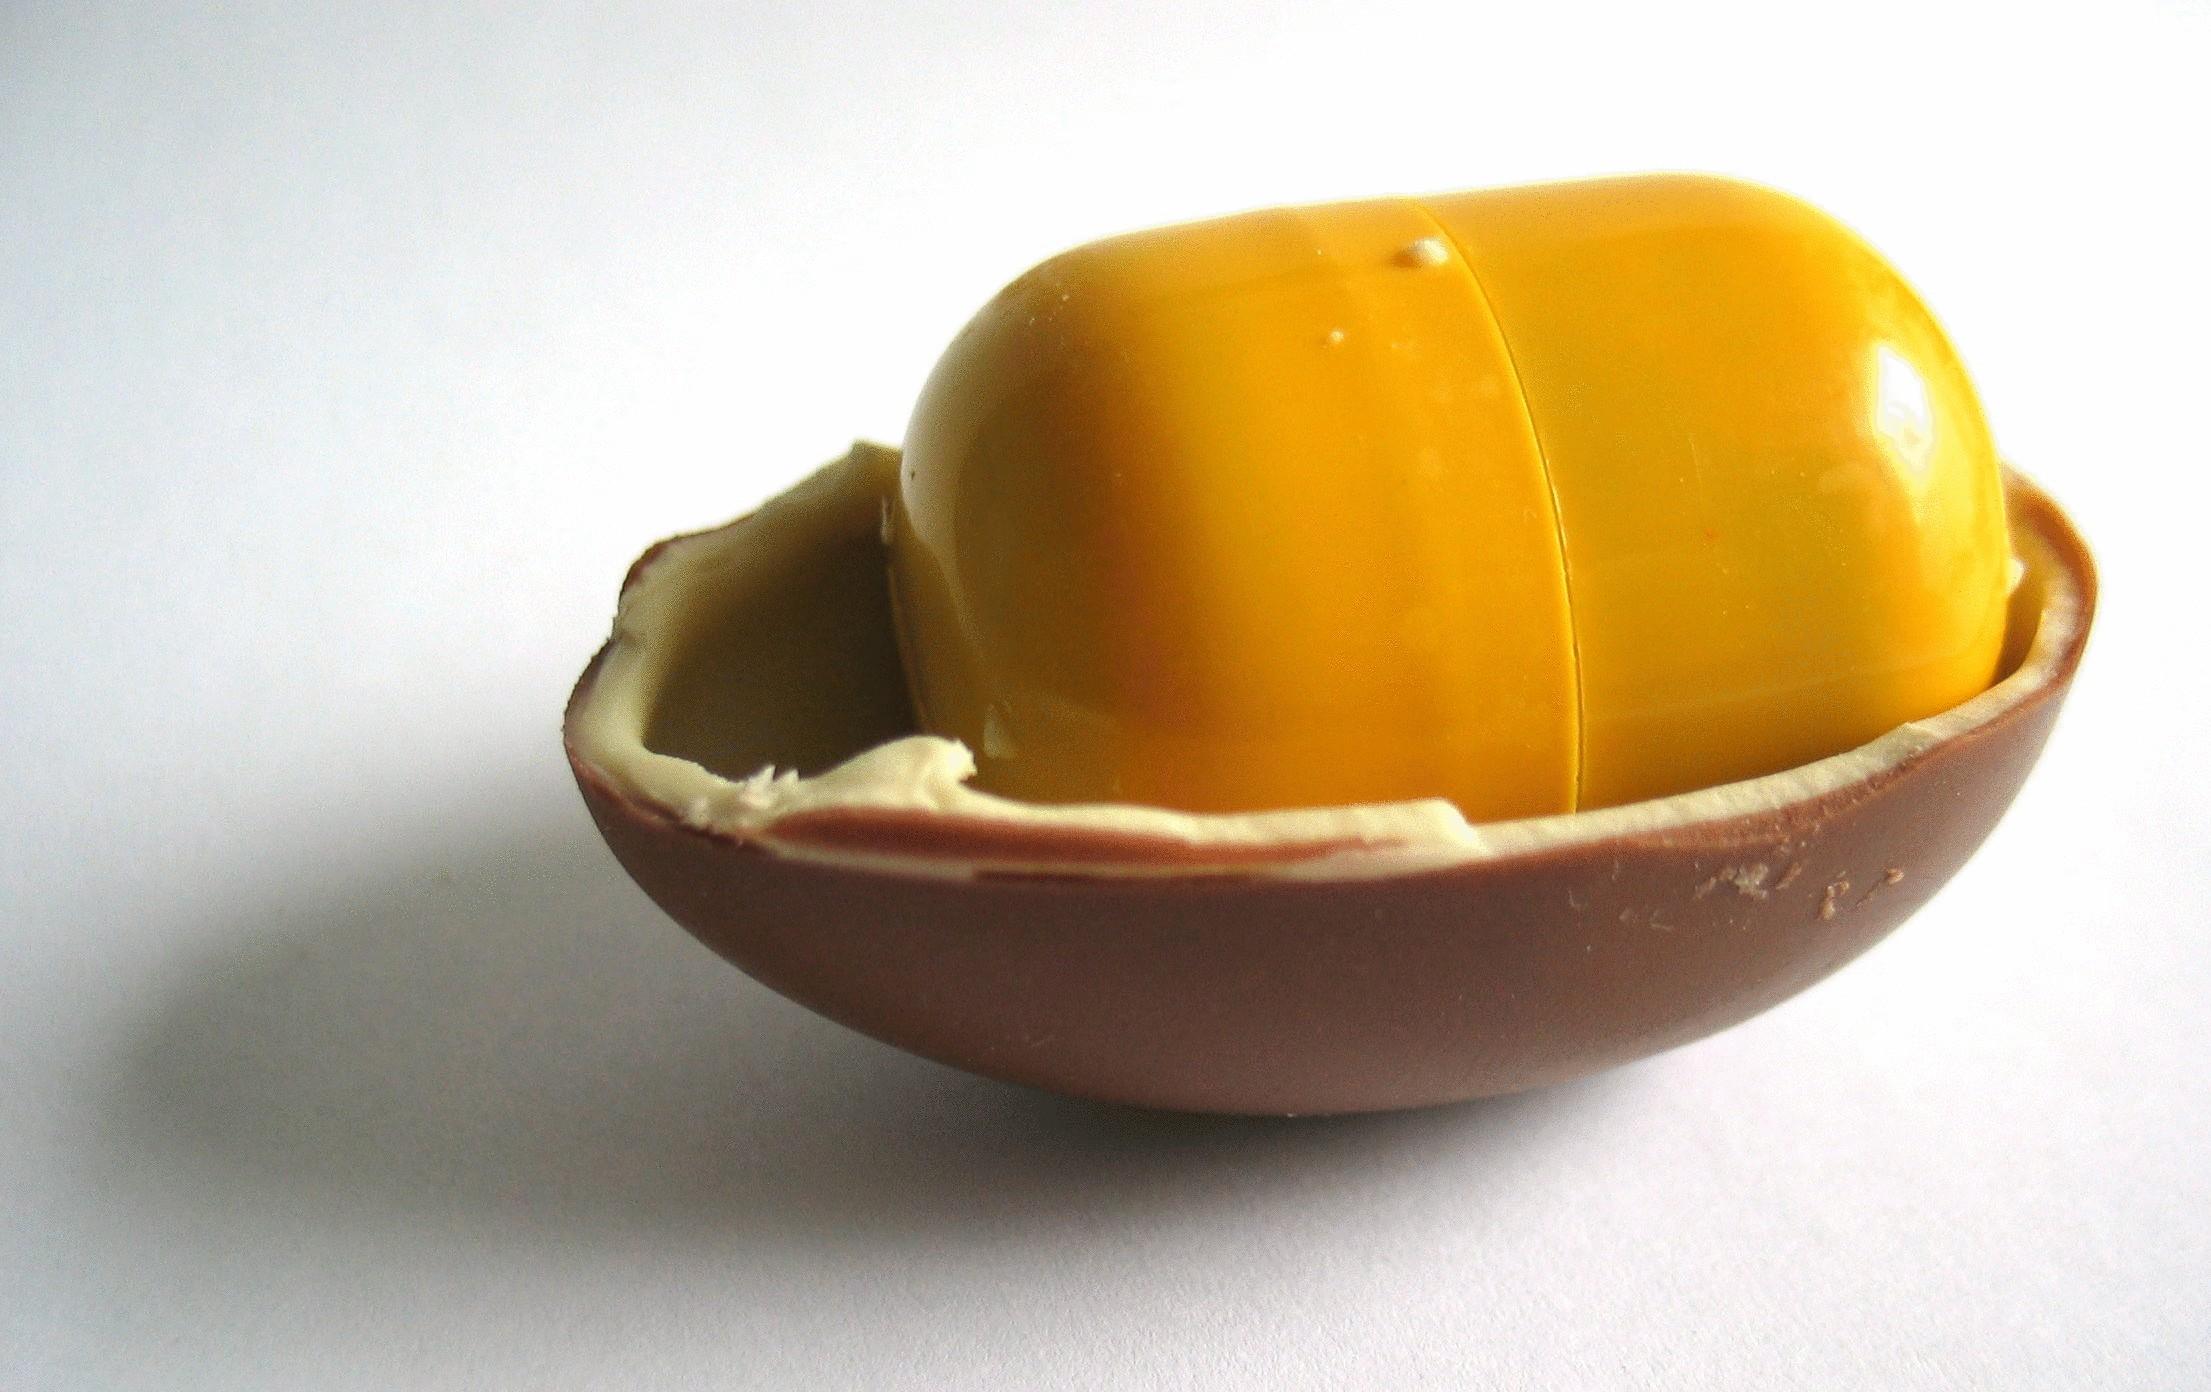 """8 фактов о Киндер Сюрпризе: 5. В Италии и Испании шоколадные яйца называются  """"Kinder..."""